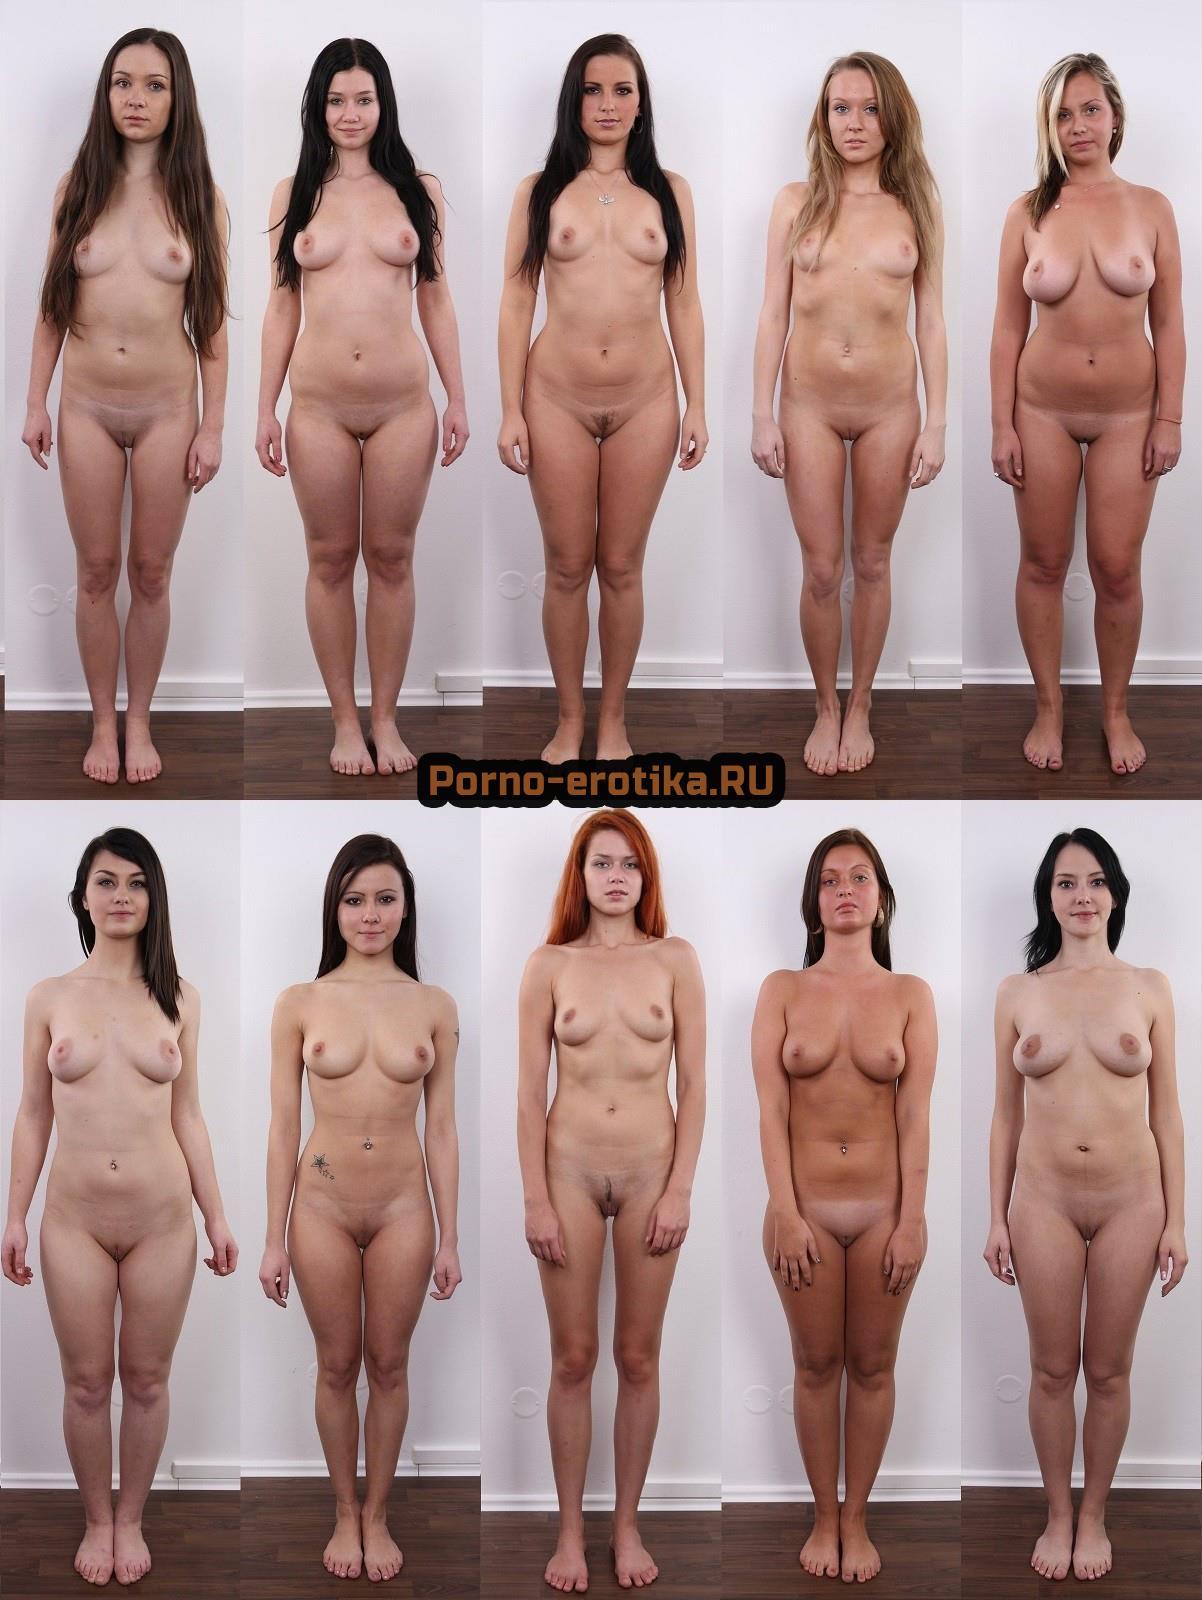 Кастинг порномоделей